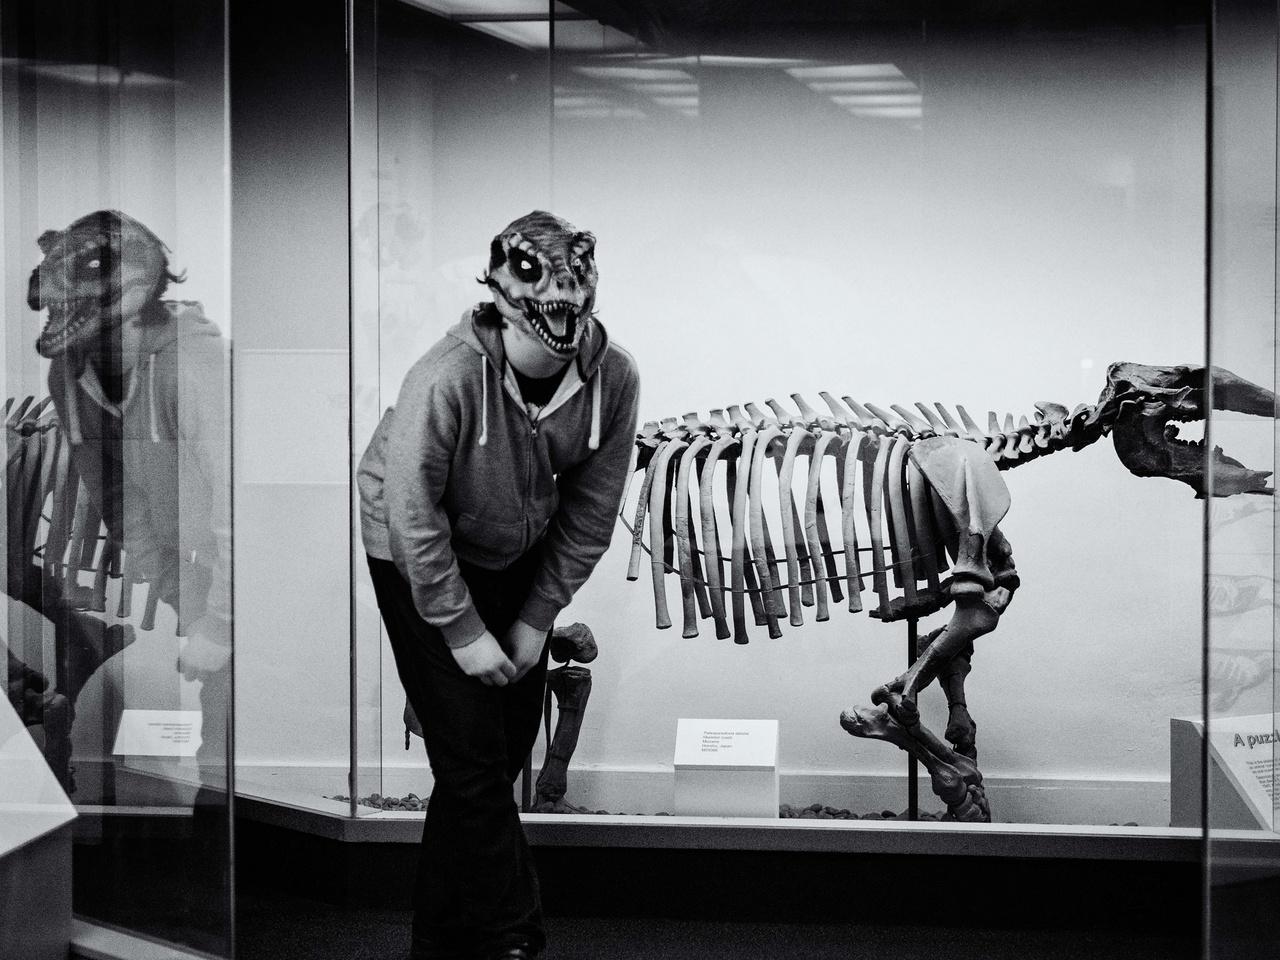 Az autizmussal élő tinédzser Kallan kedvenc helyszínén, a londoni Természettörténeti Múzeumban játszik dínósat.